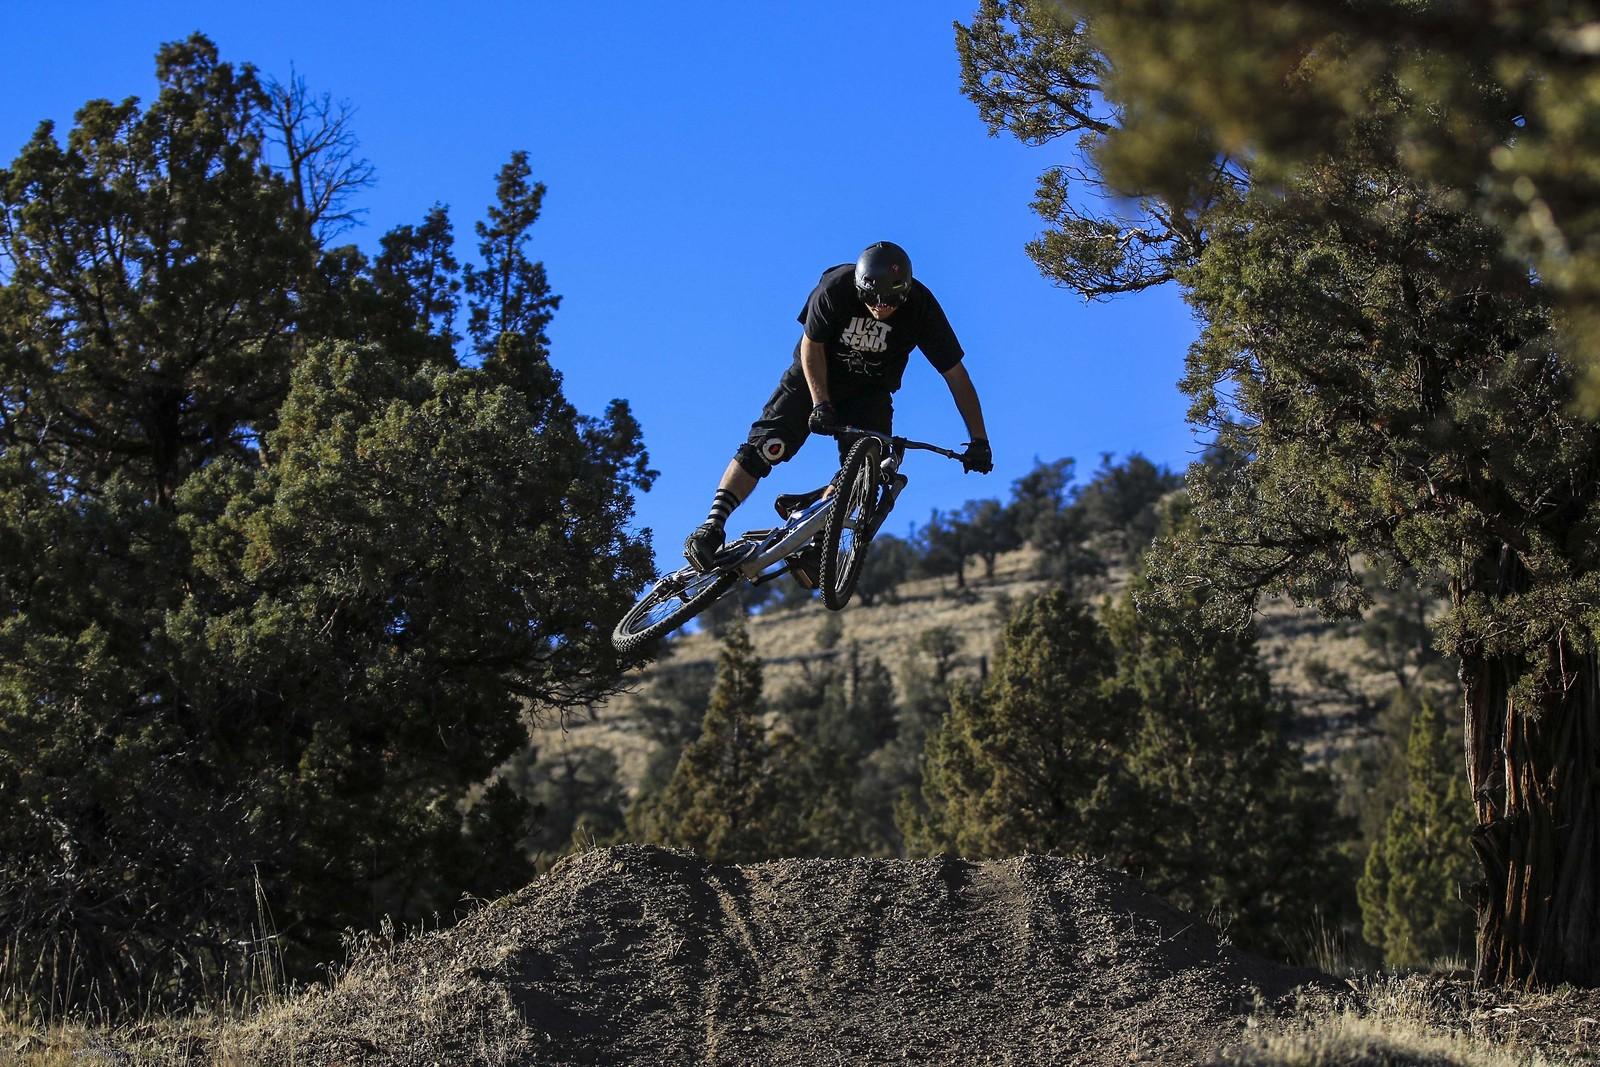 Tanner - Yuroshek - Mountain Biking Pictures - Vital MTB